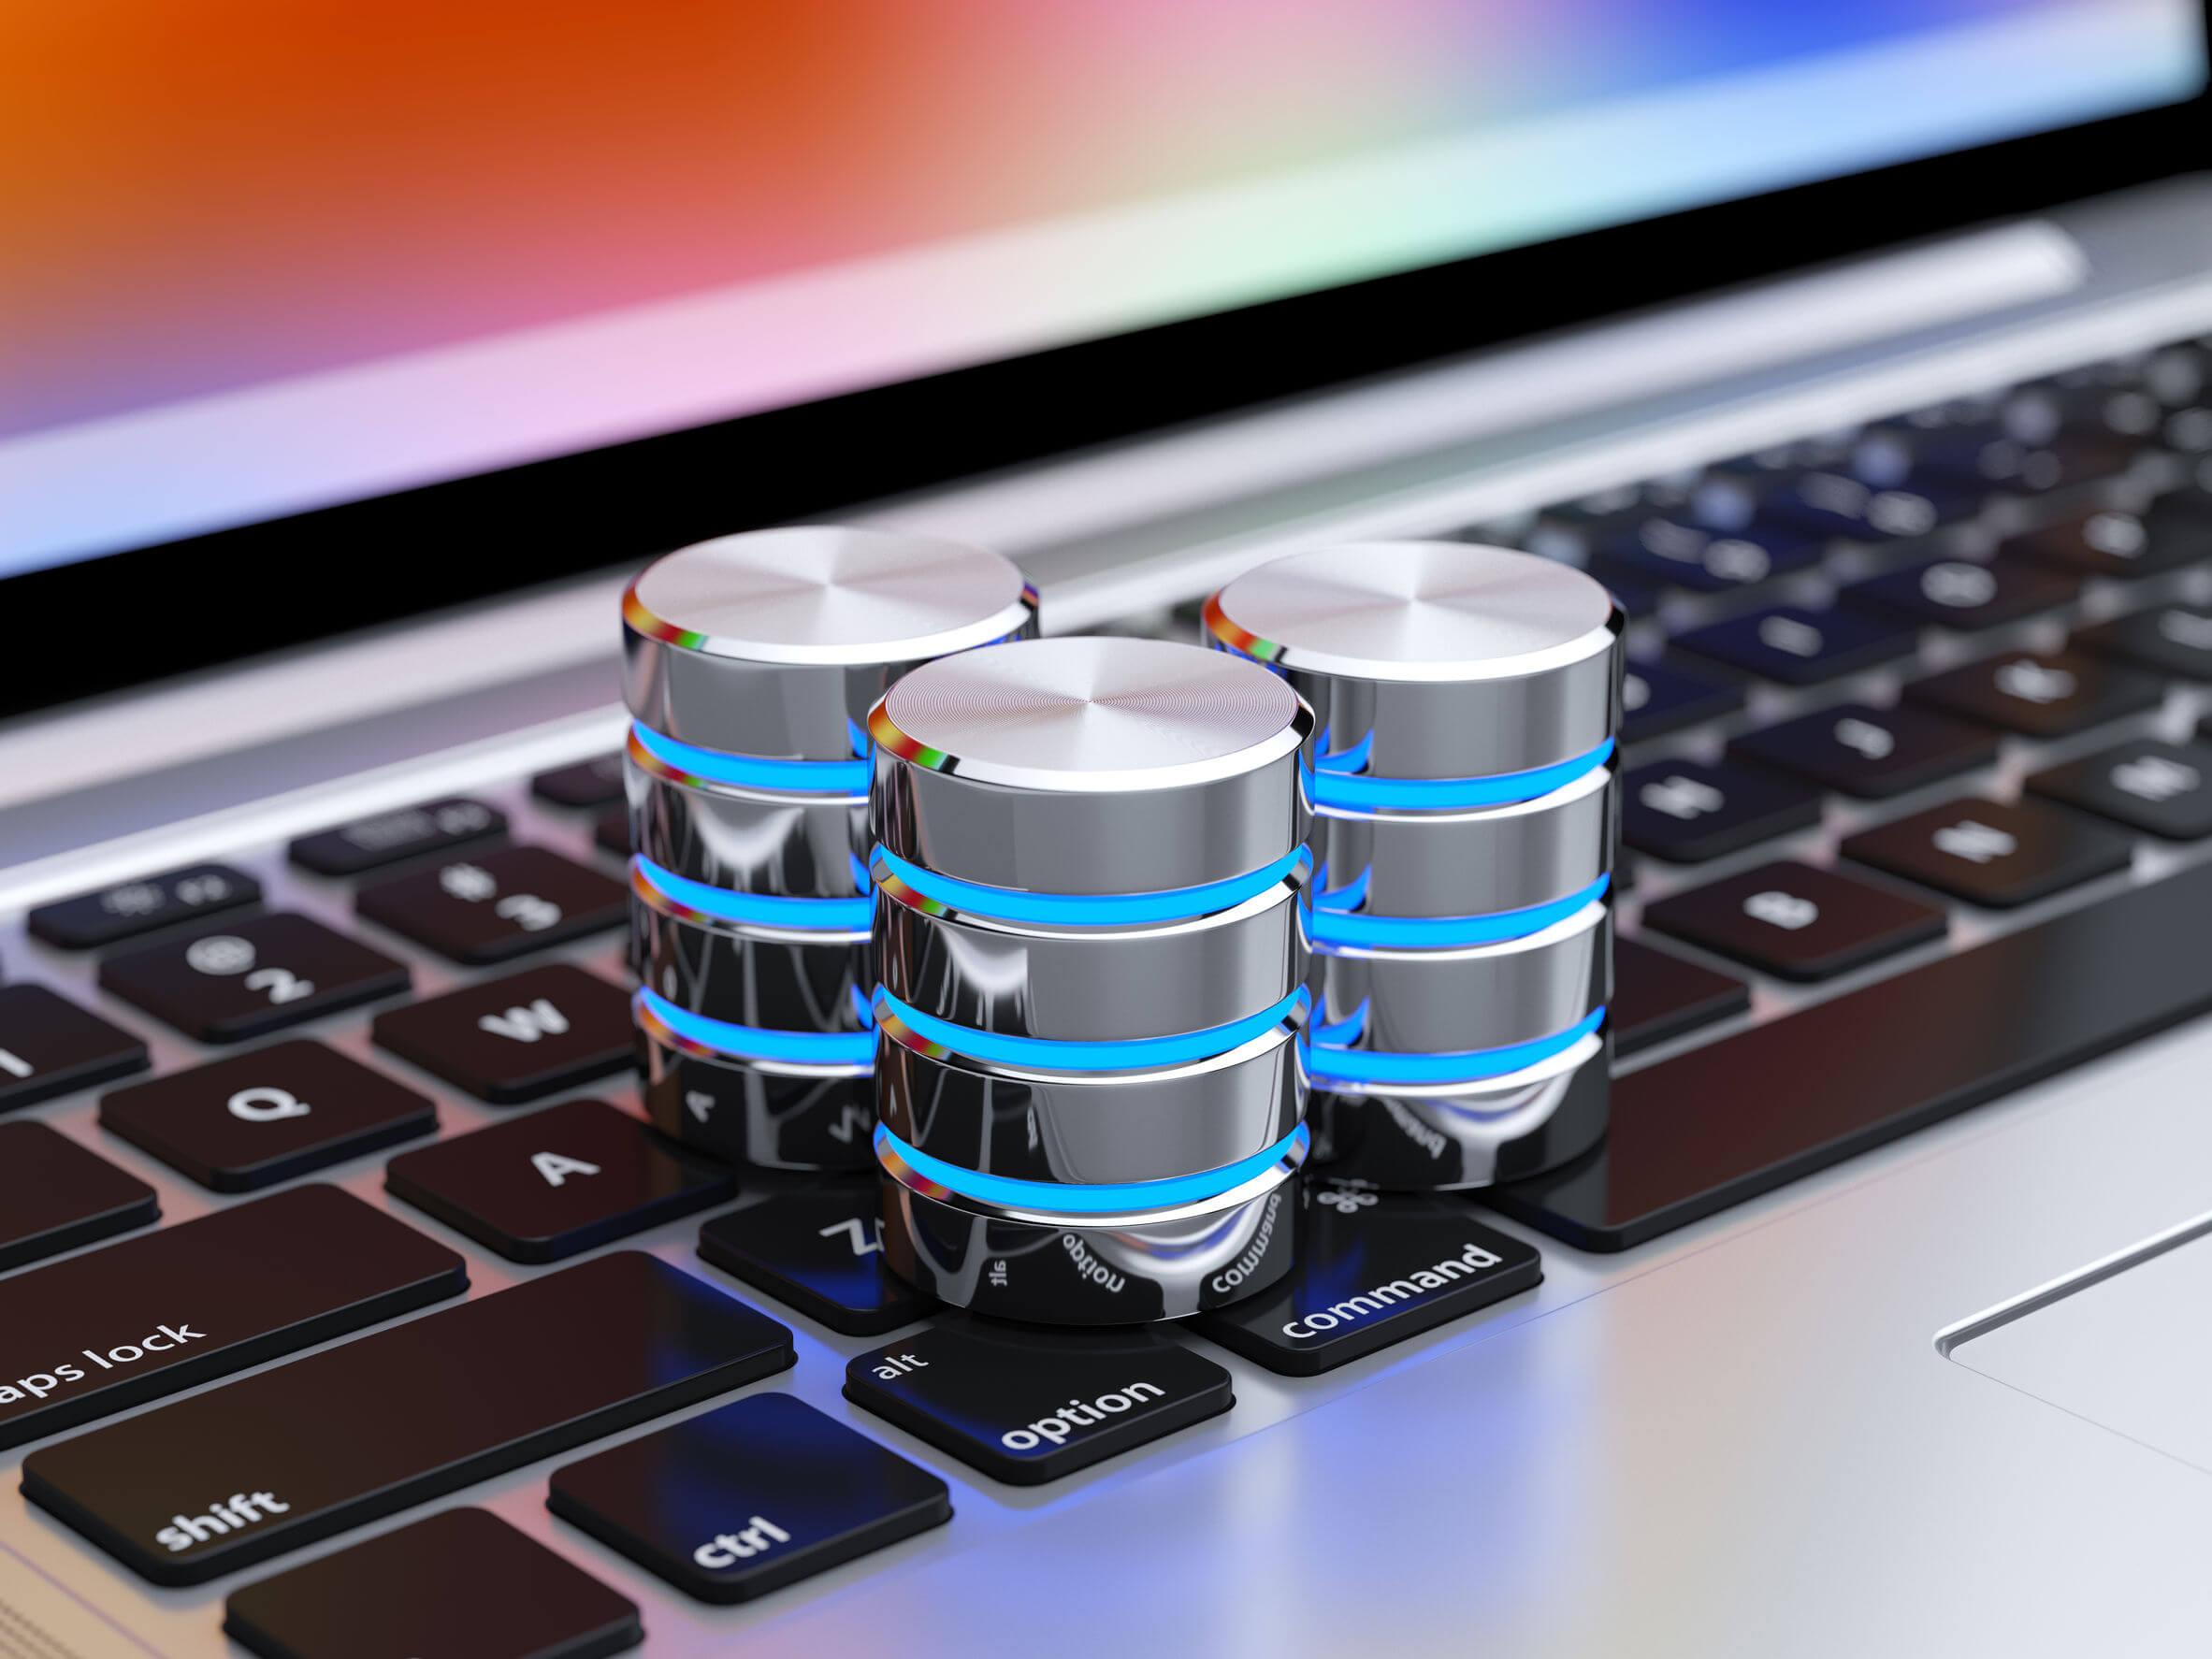 flespi IoT storage